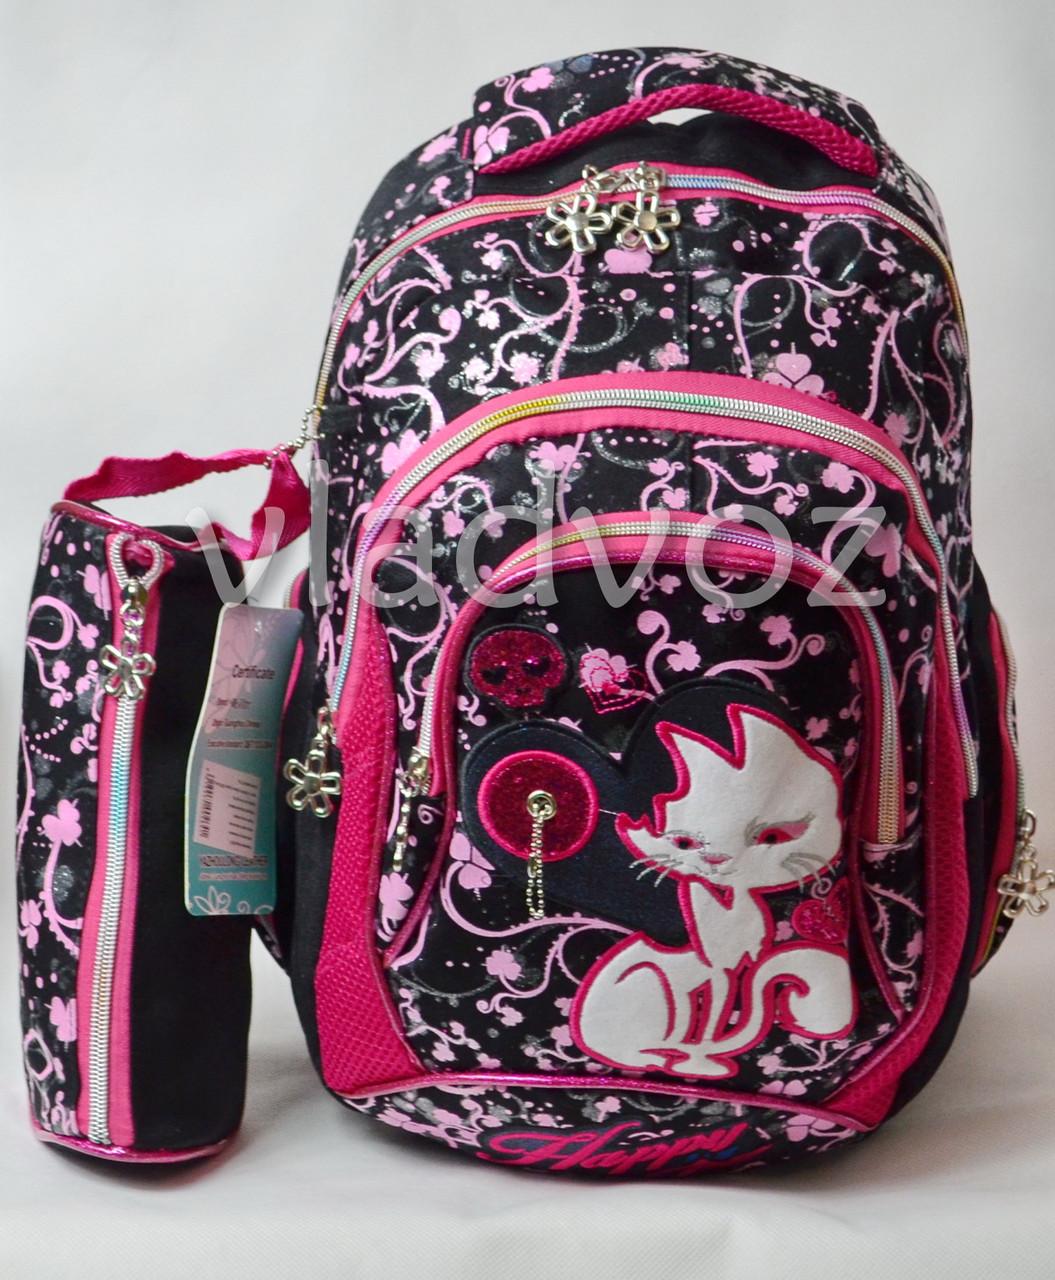 dcad6e2fc59f Школьный рюкзак для девочки с пеналом кот черный с розовым - ☎ VIBER  0977864700 интернет магазин